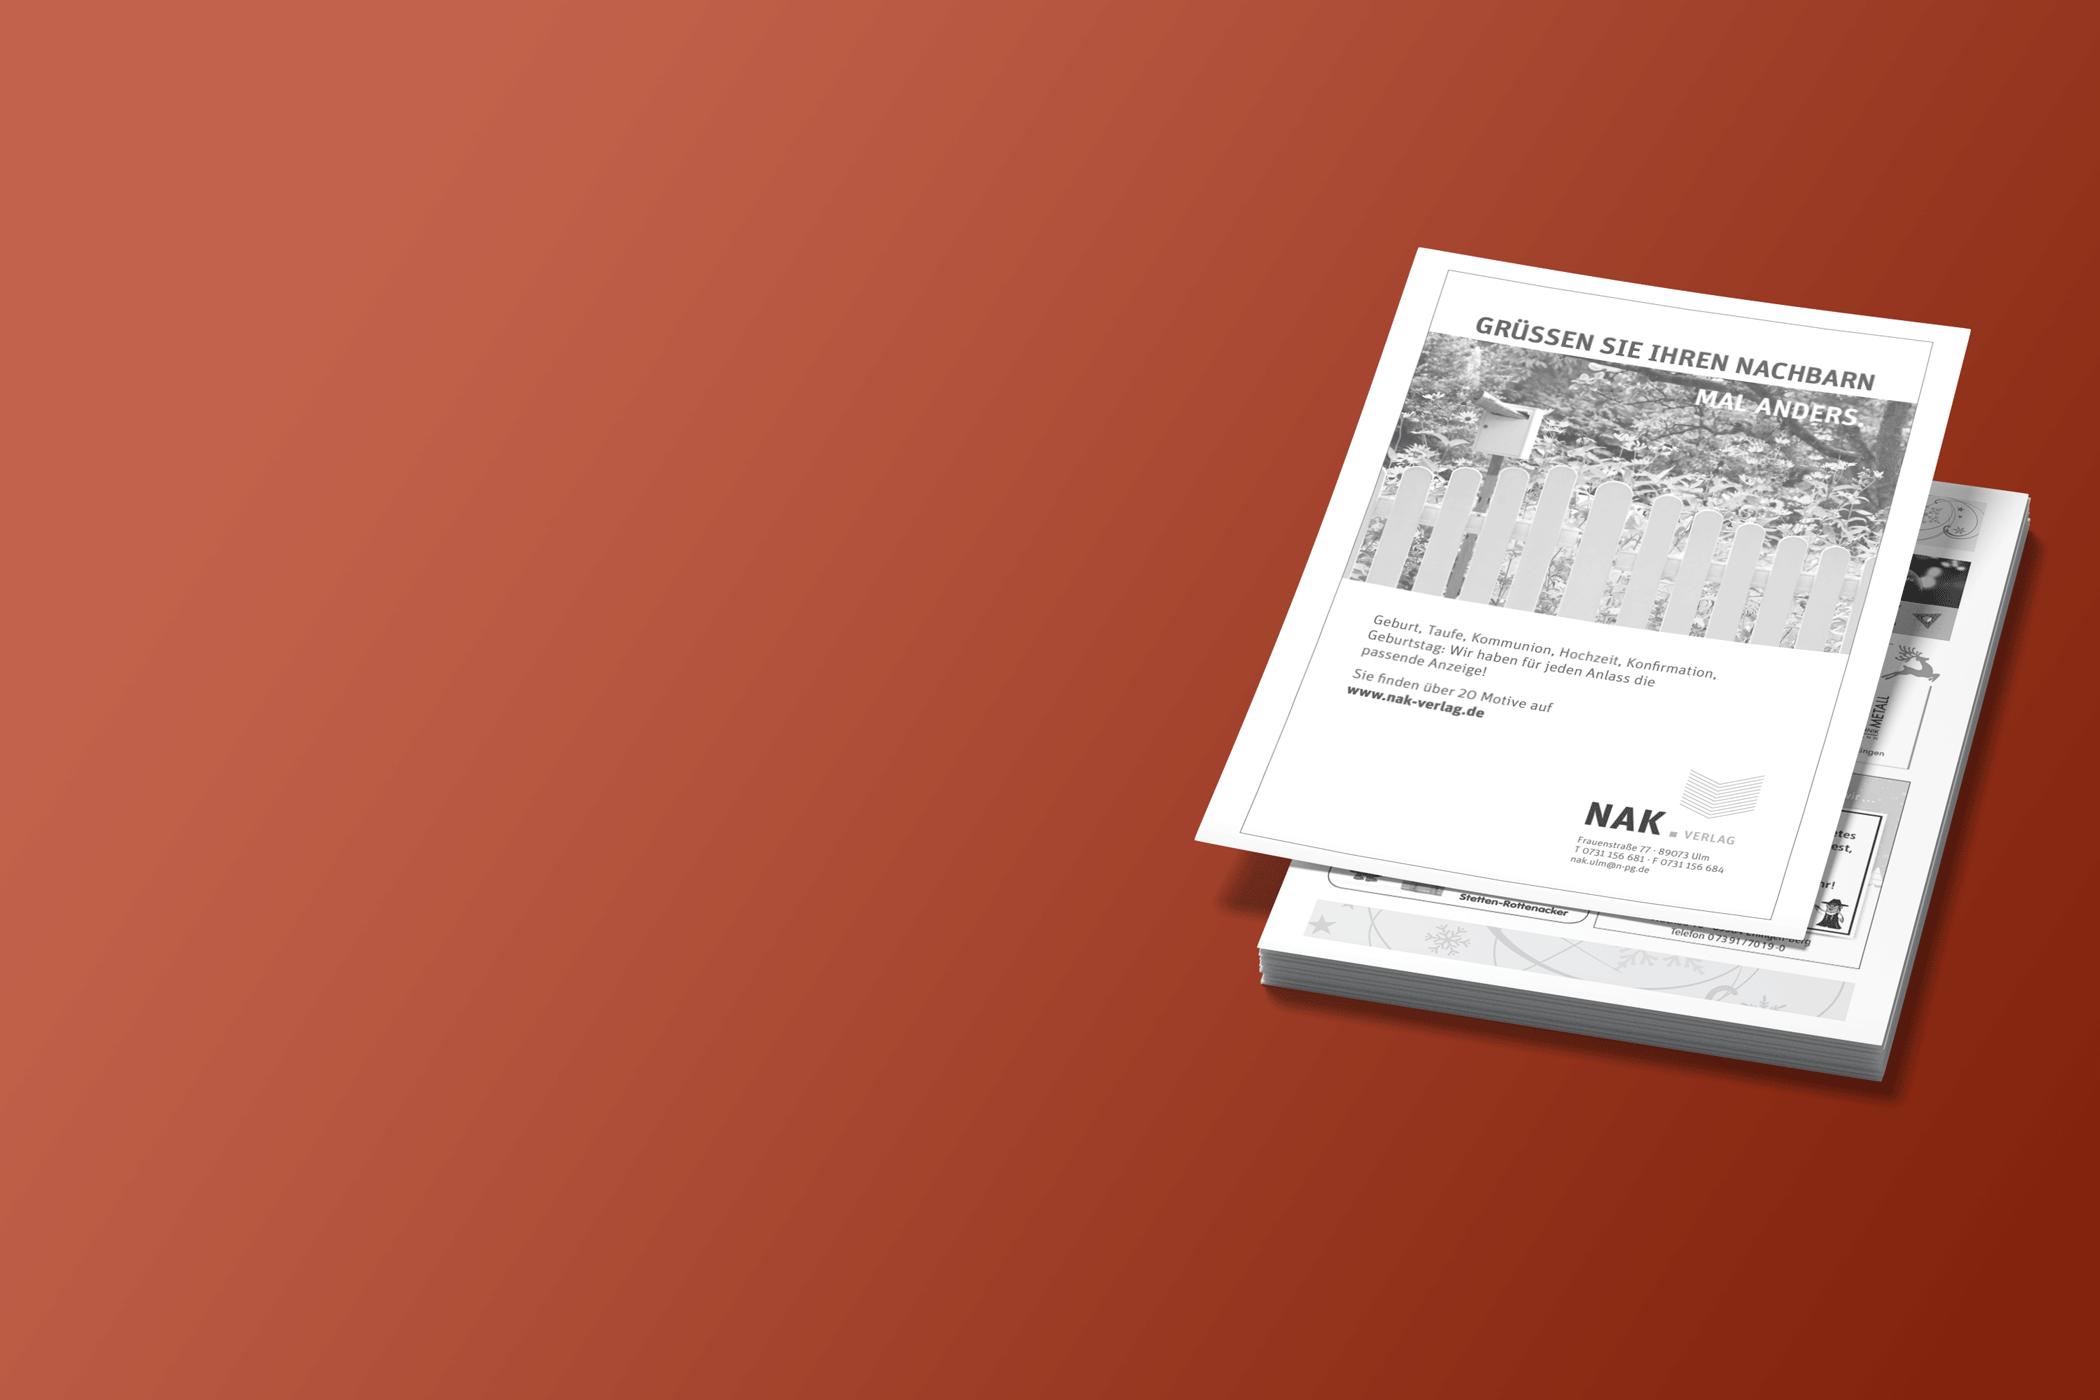 Grußanzeige im Mitteilungsblatt schalten - NAK Verlag